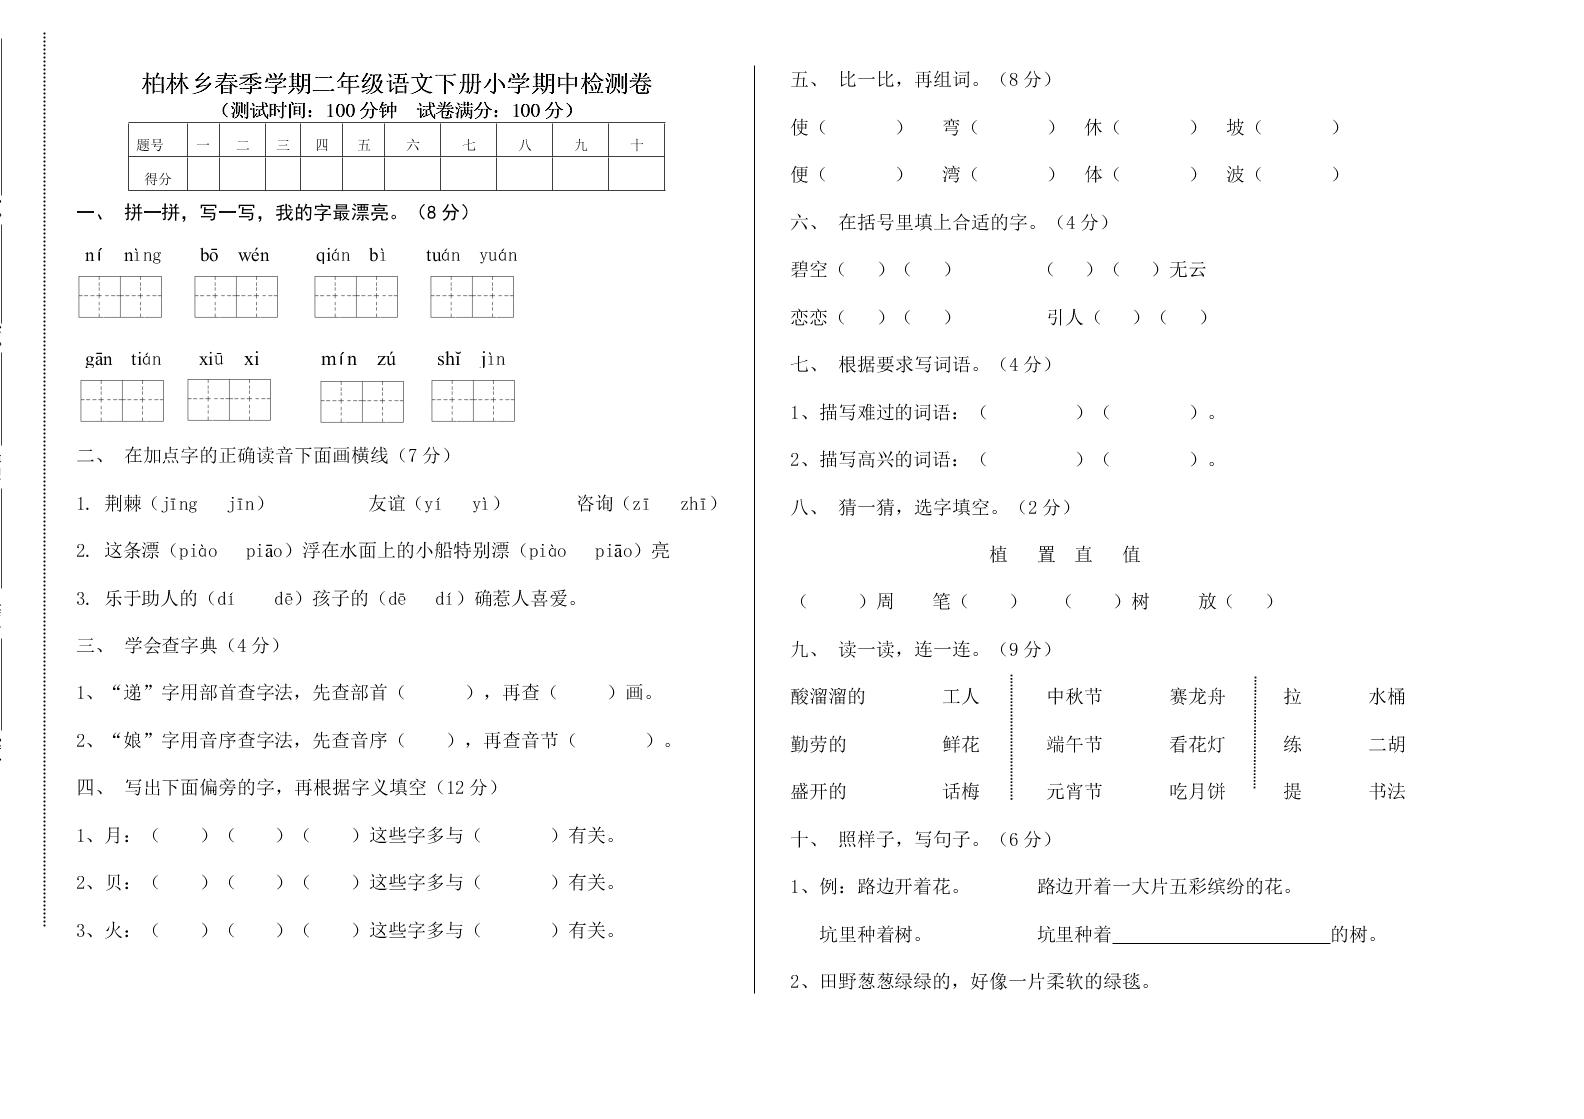 柏林乡春季学期二年级语文下册小学期中检测卷